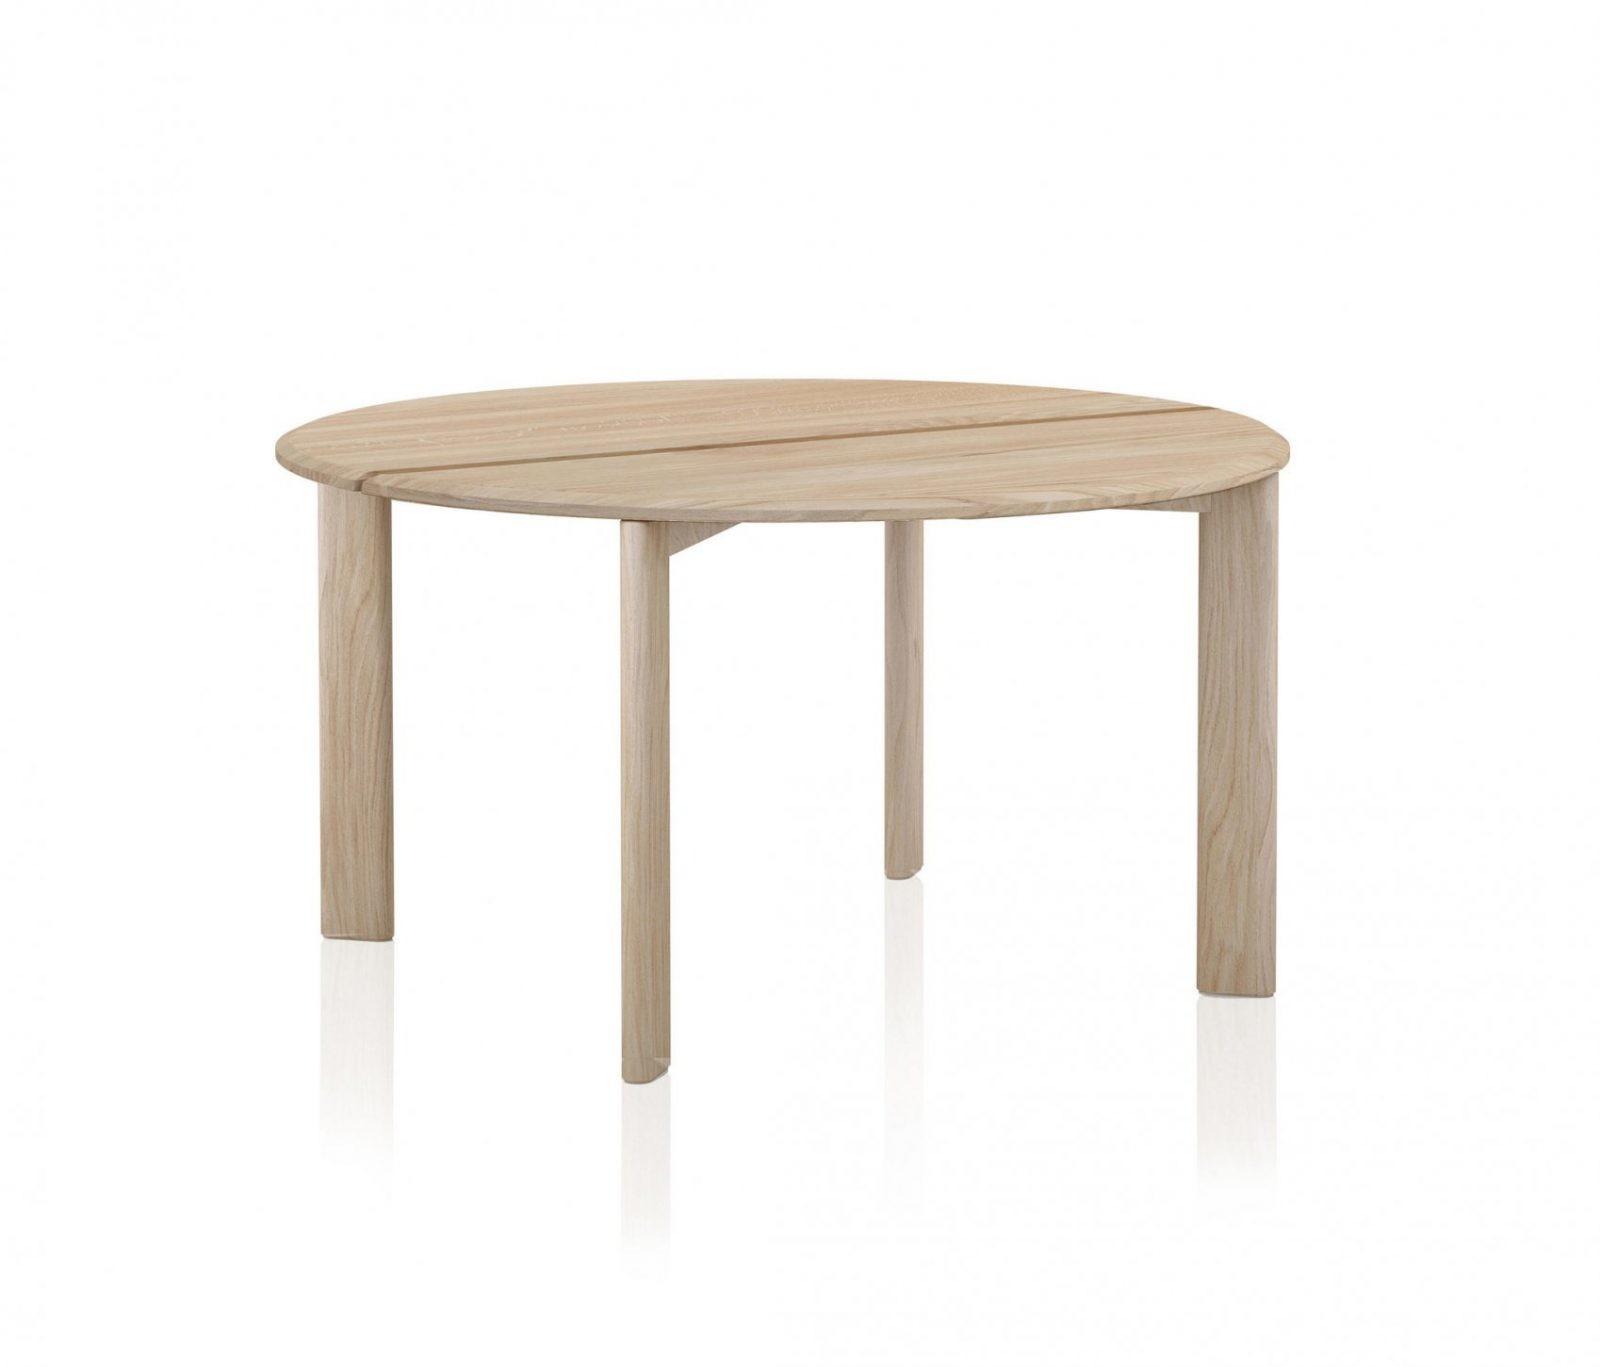 Kotai Runder Tisch  Esstische Von Expormim  Architonic von Runder Tisch Für 10 Personen Photo